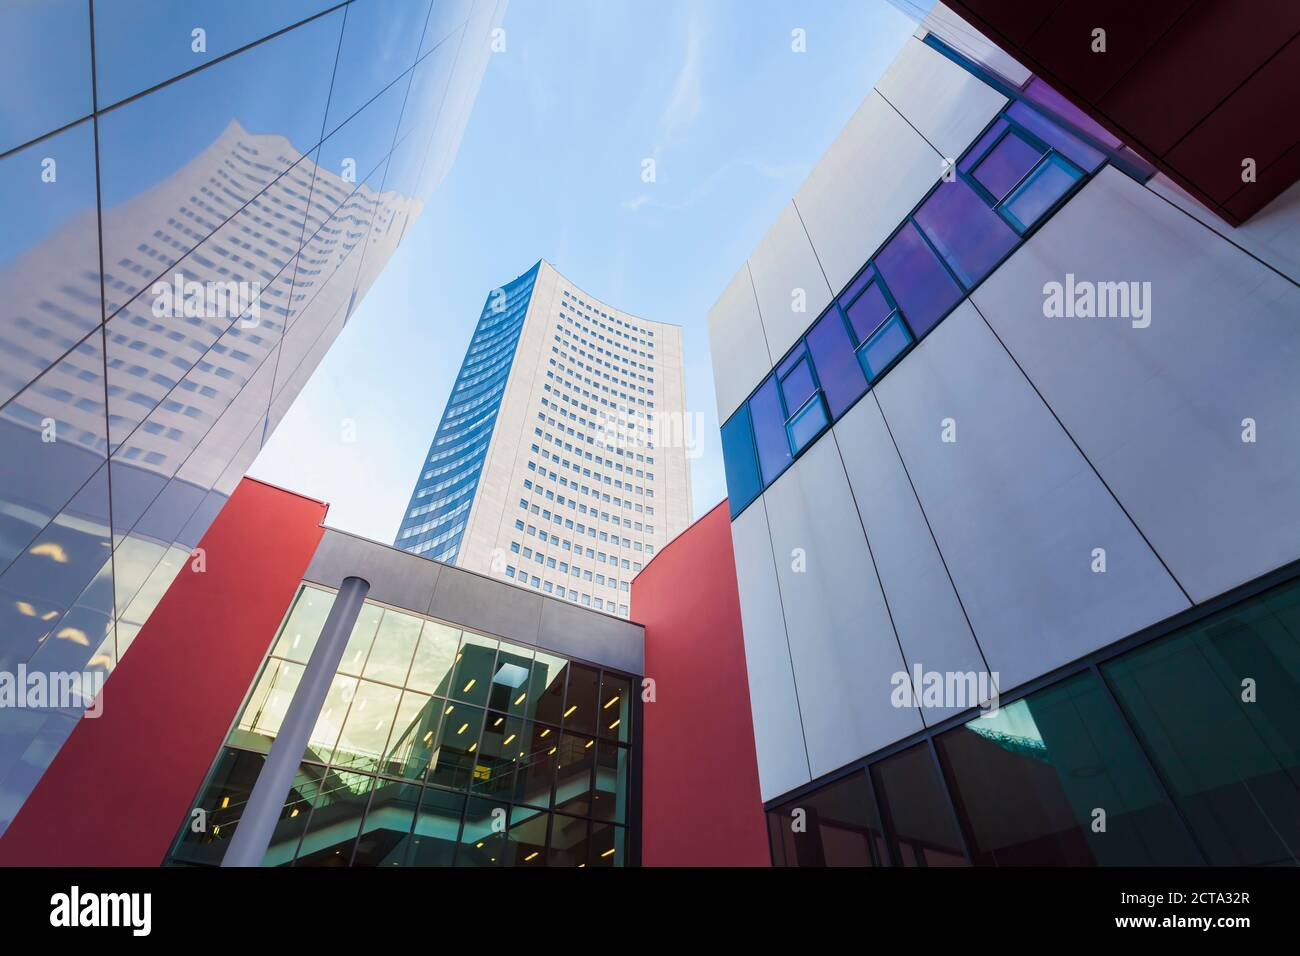 Alemania, en el Estado federado de Sajonia, Leipzig, arquitectura moderna en la universidad y City-Hochhaus Foto de stock